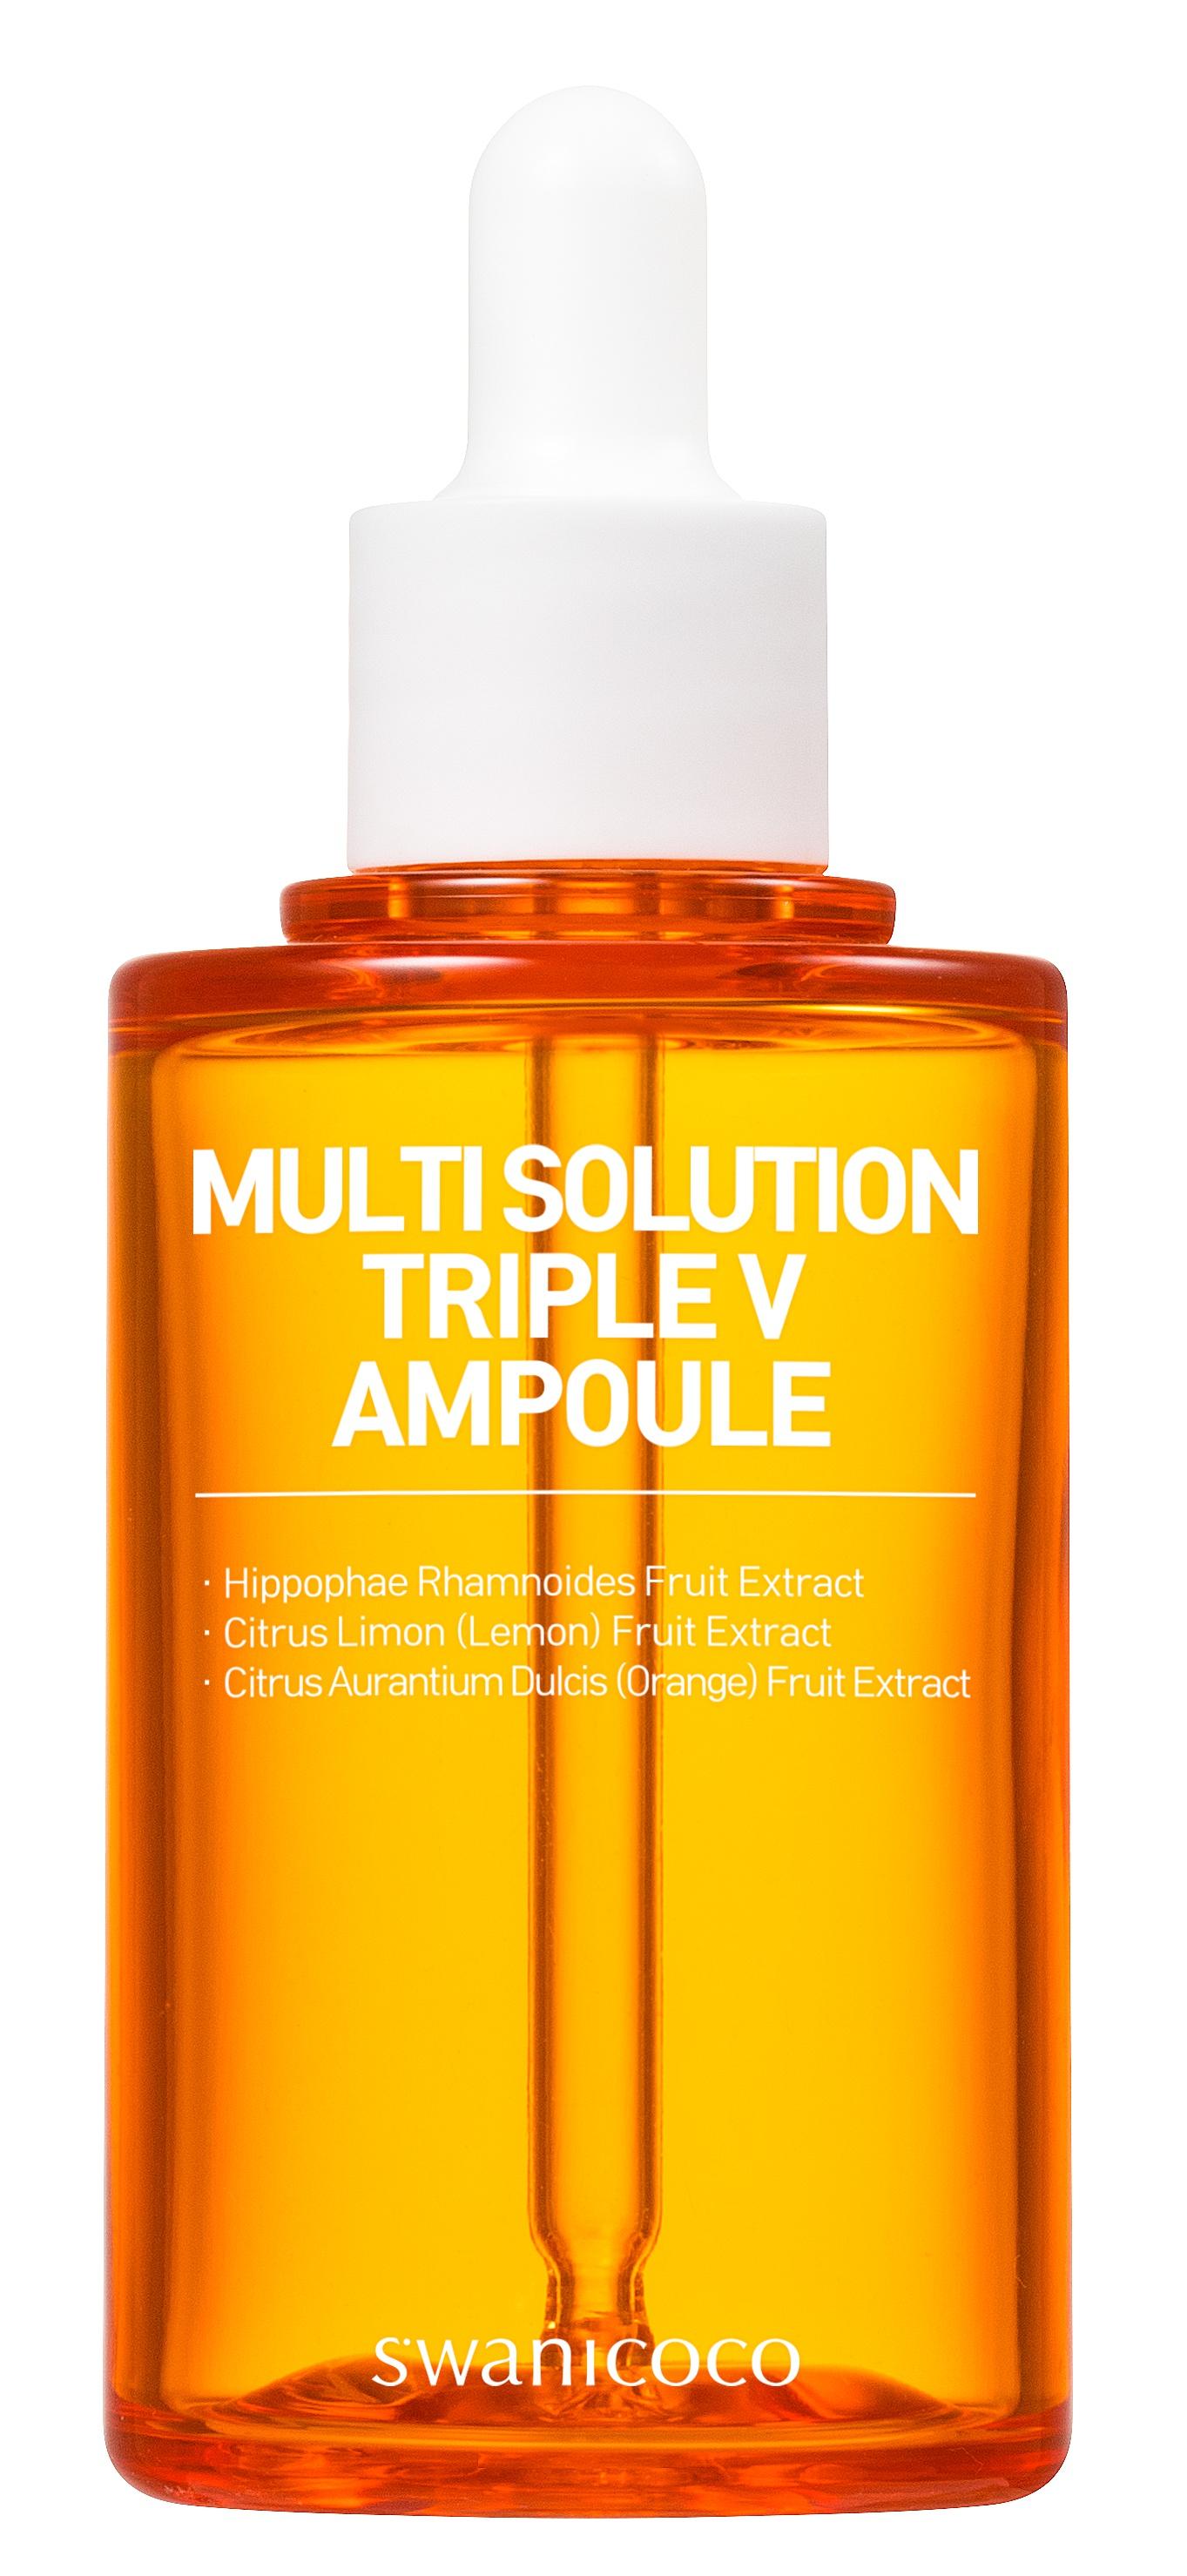 Swanicoco Multi Solution Triple-V Ampoule